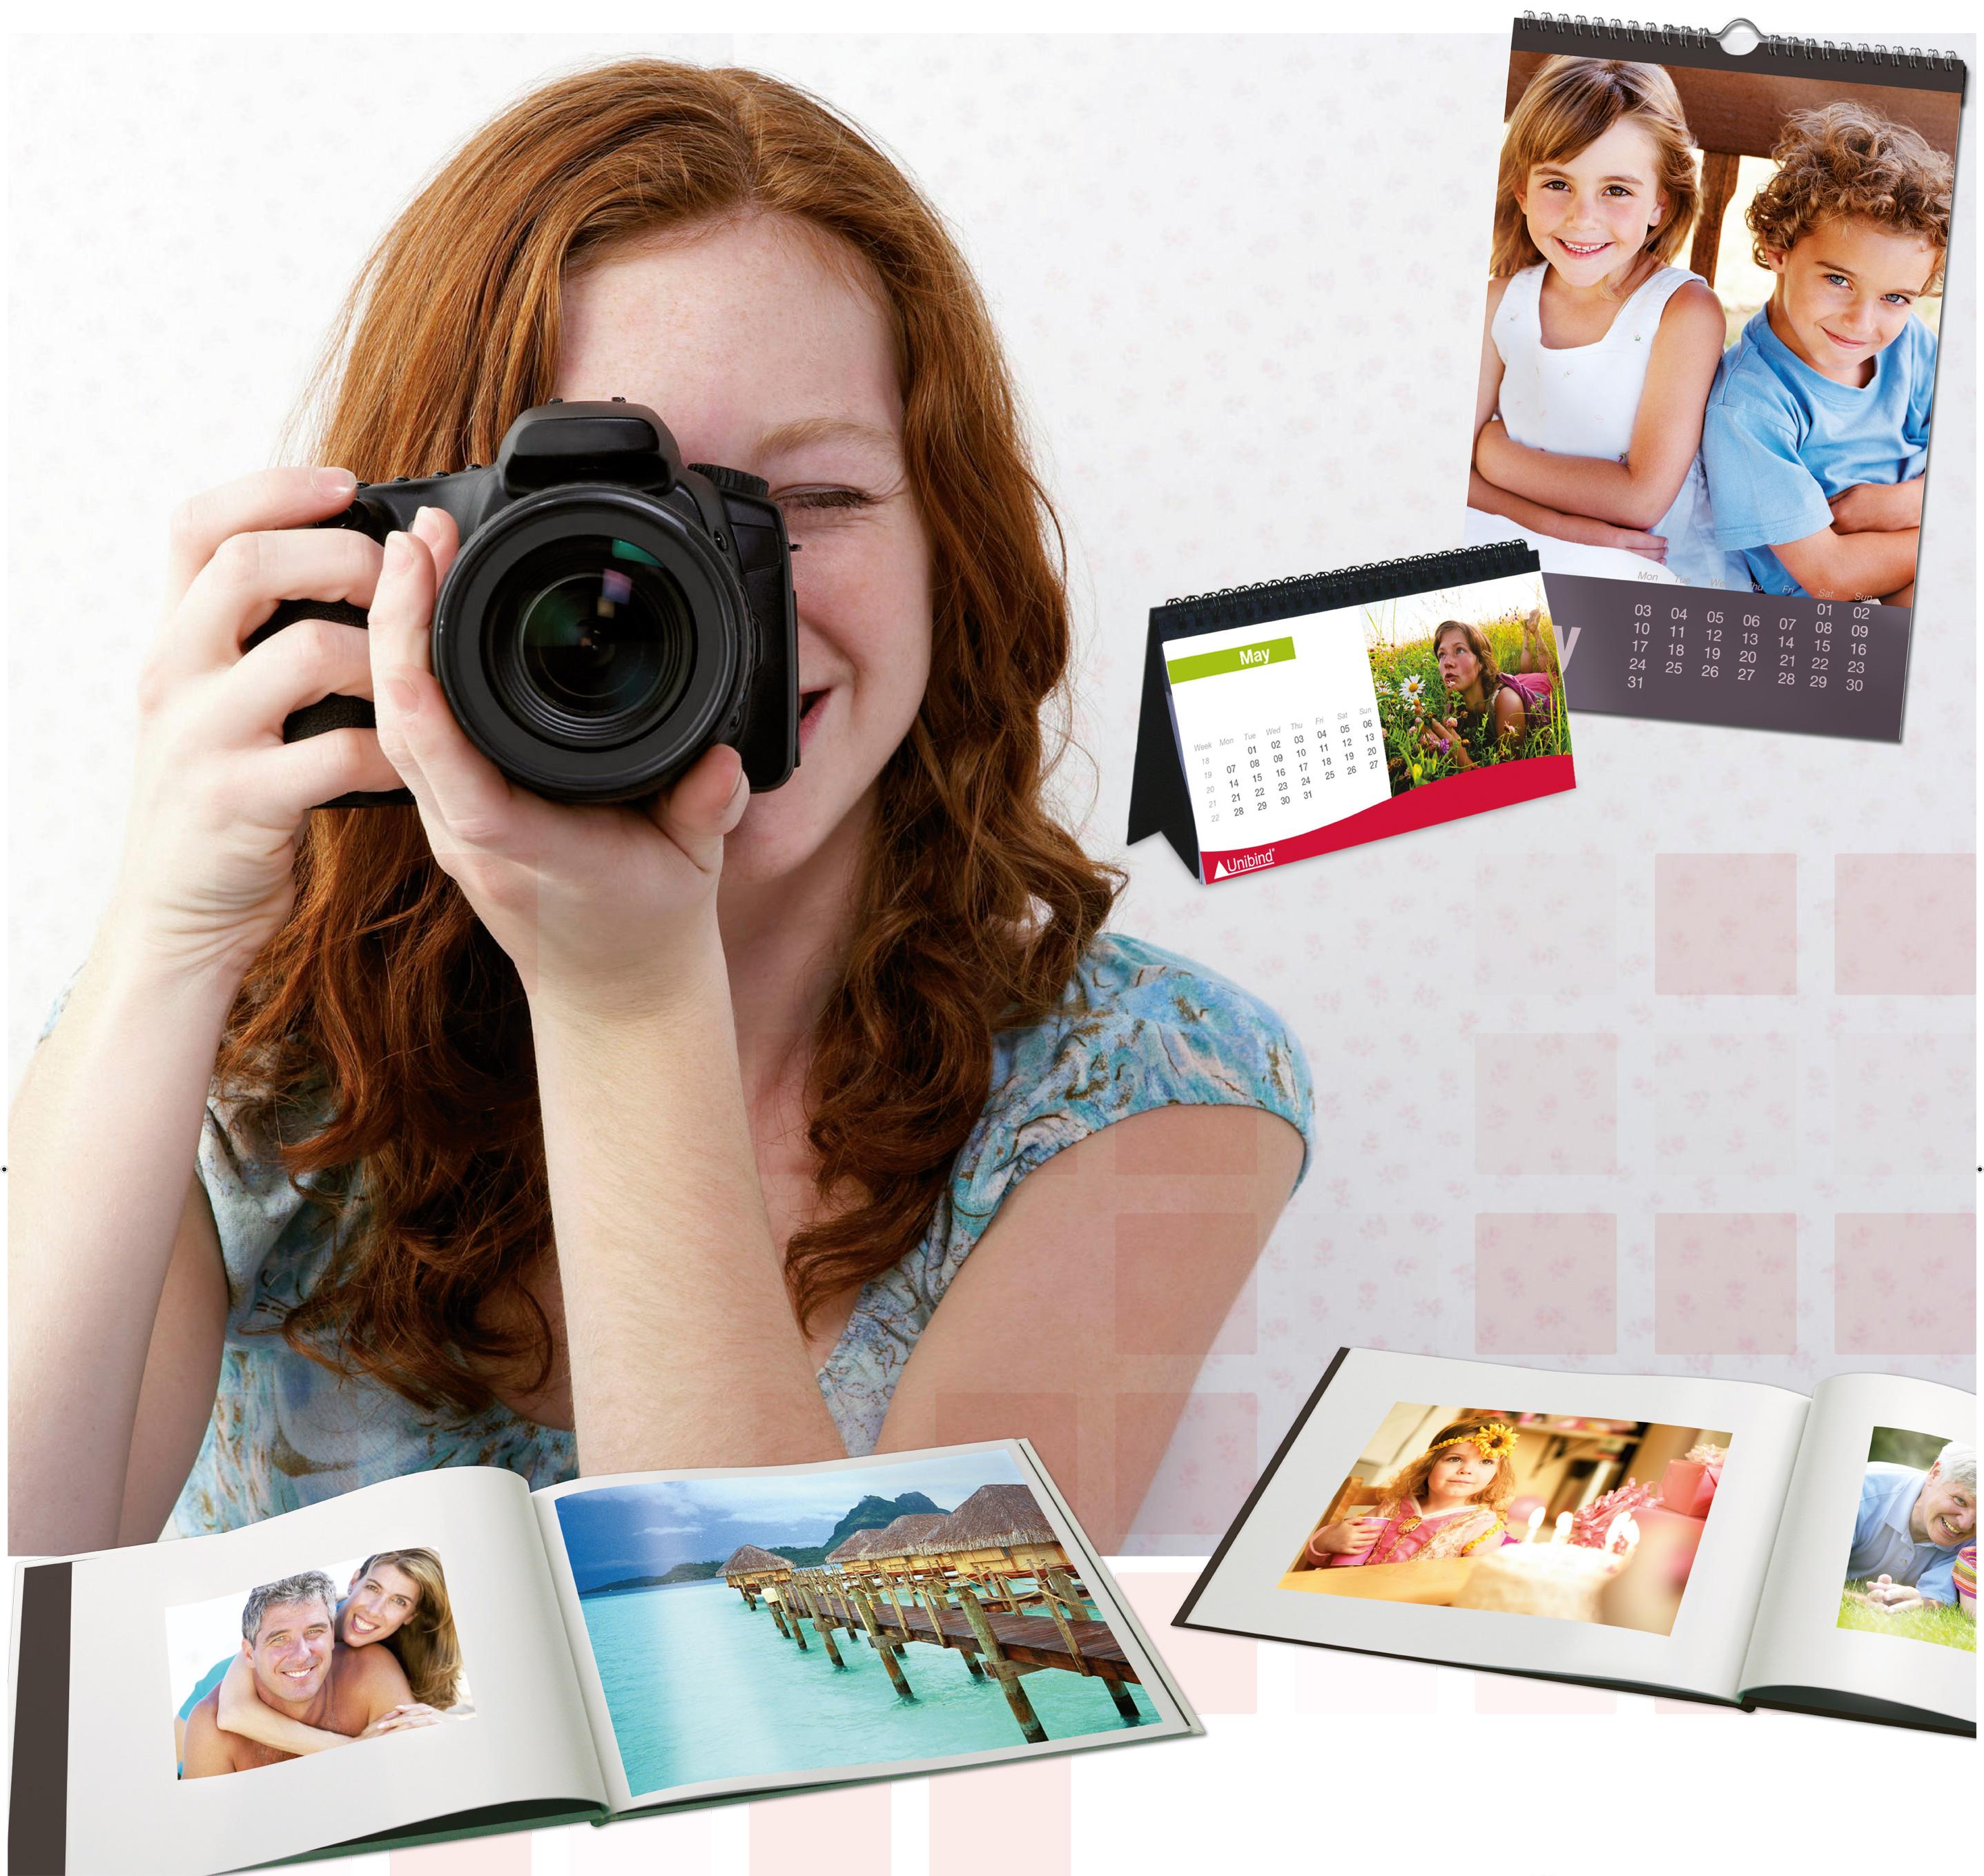 Publicité femme prenant une photo avec album photo Unibind